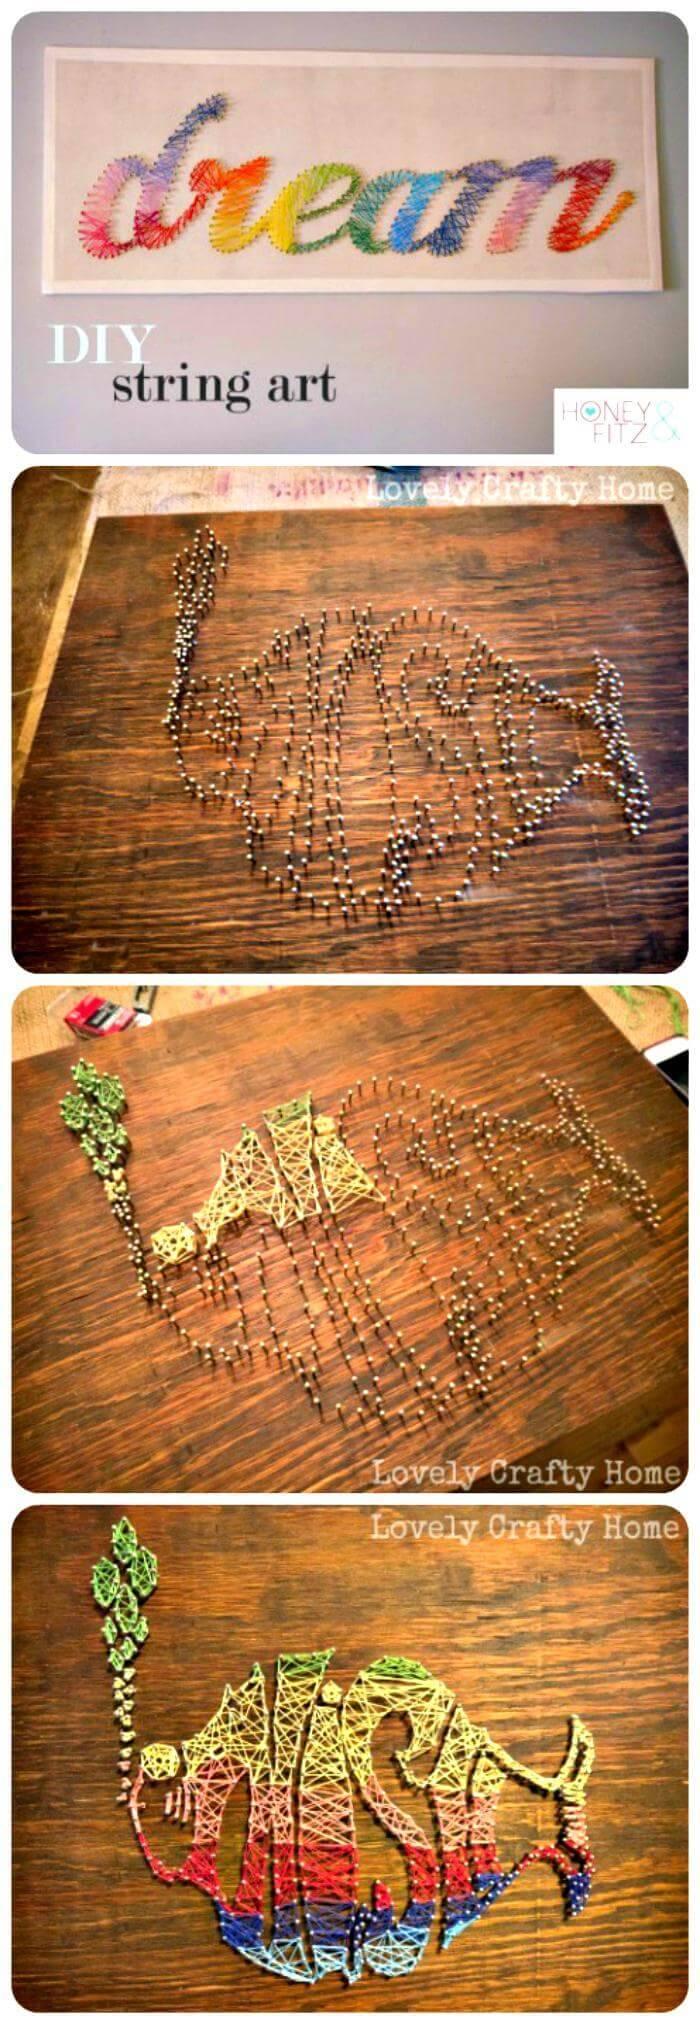 Easy DIY String Art Tutorial